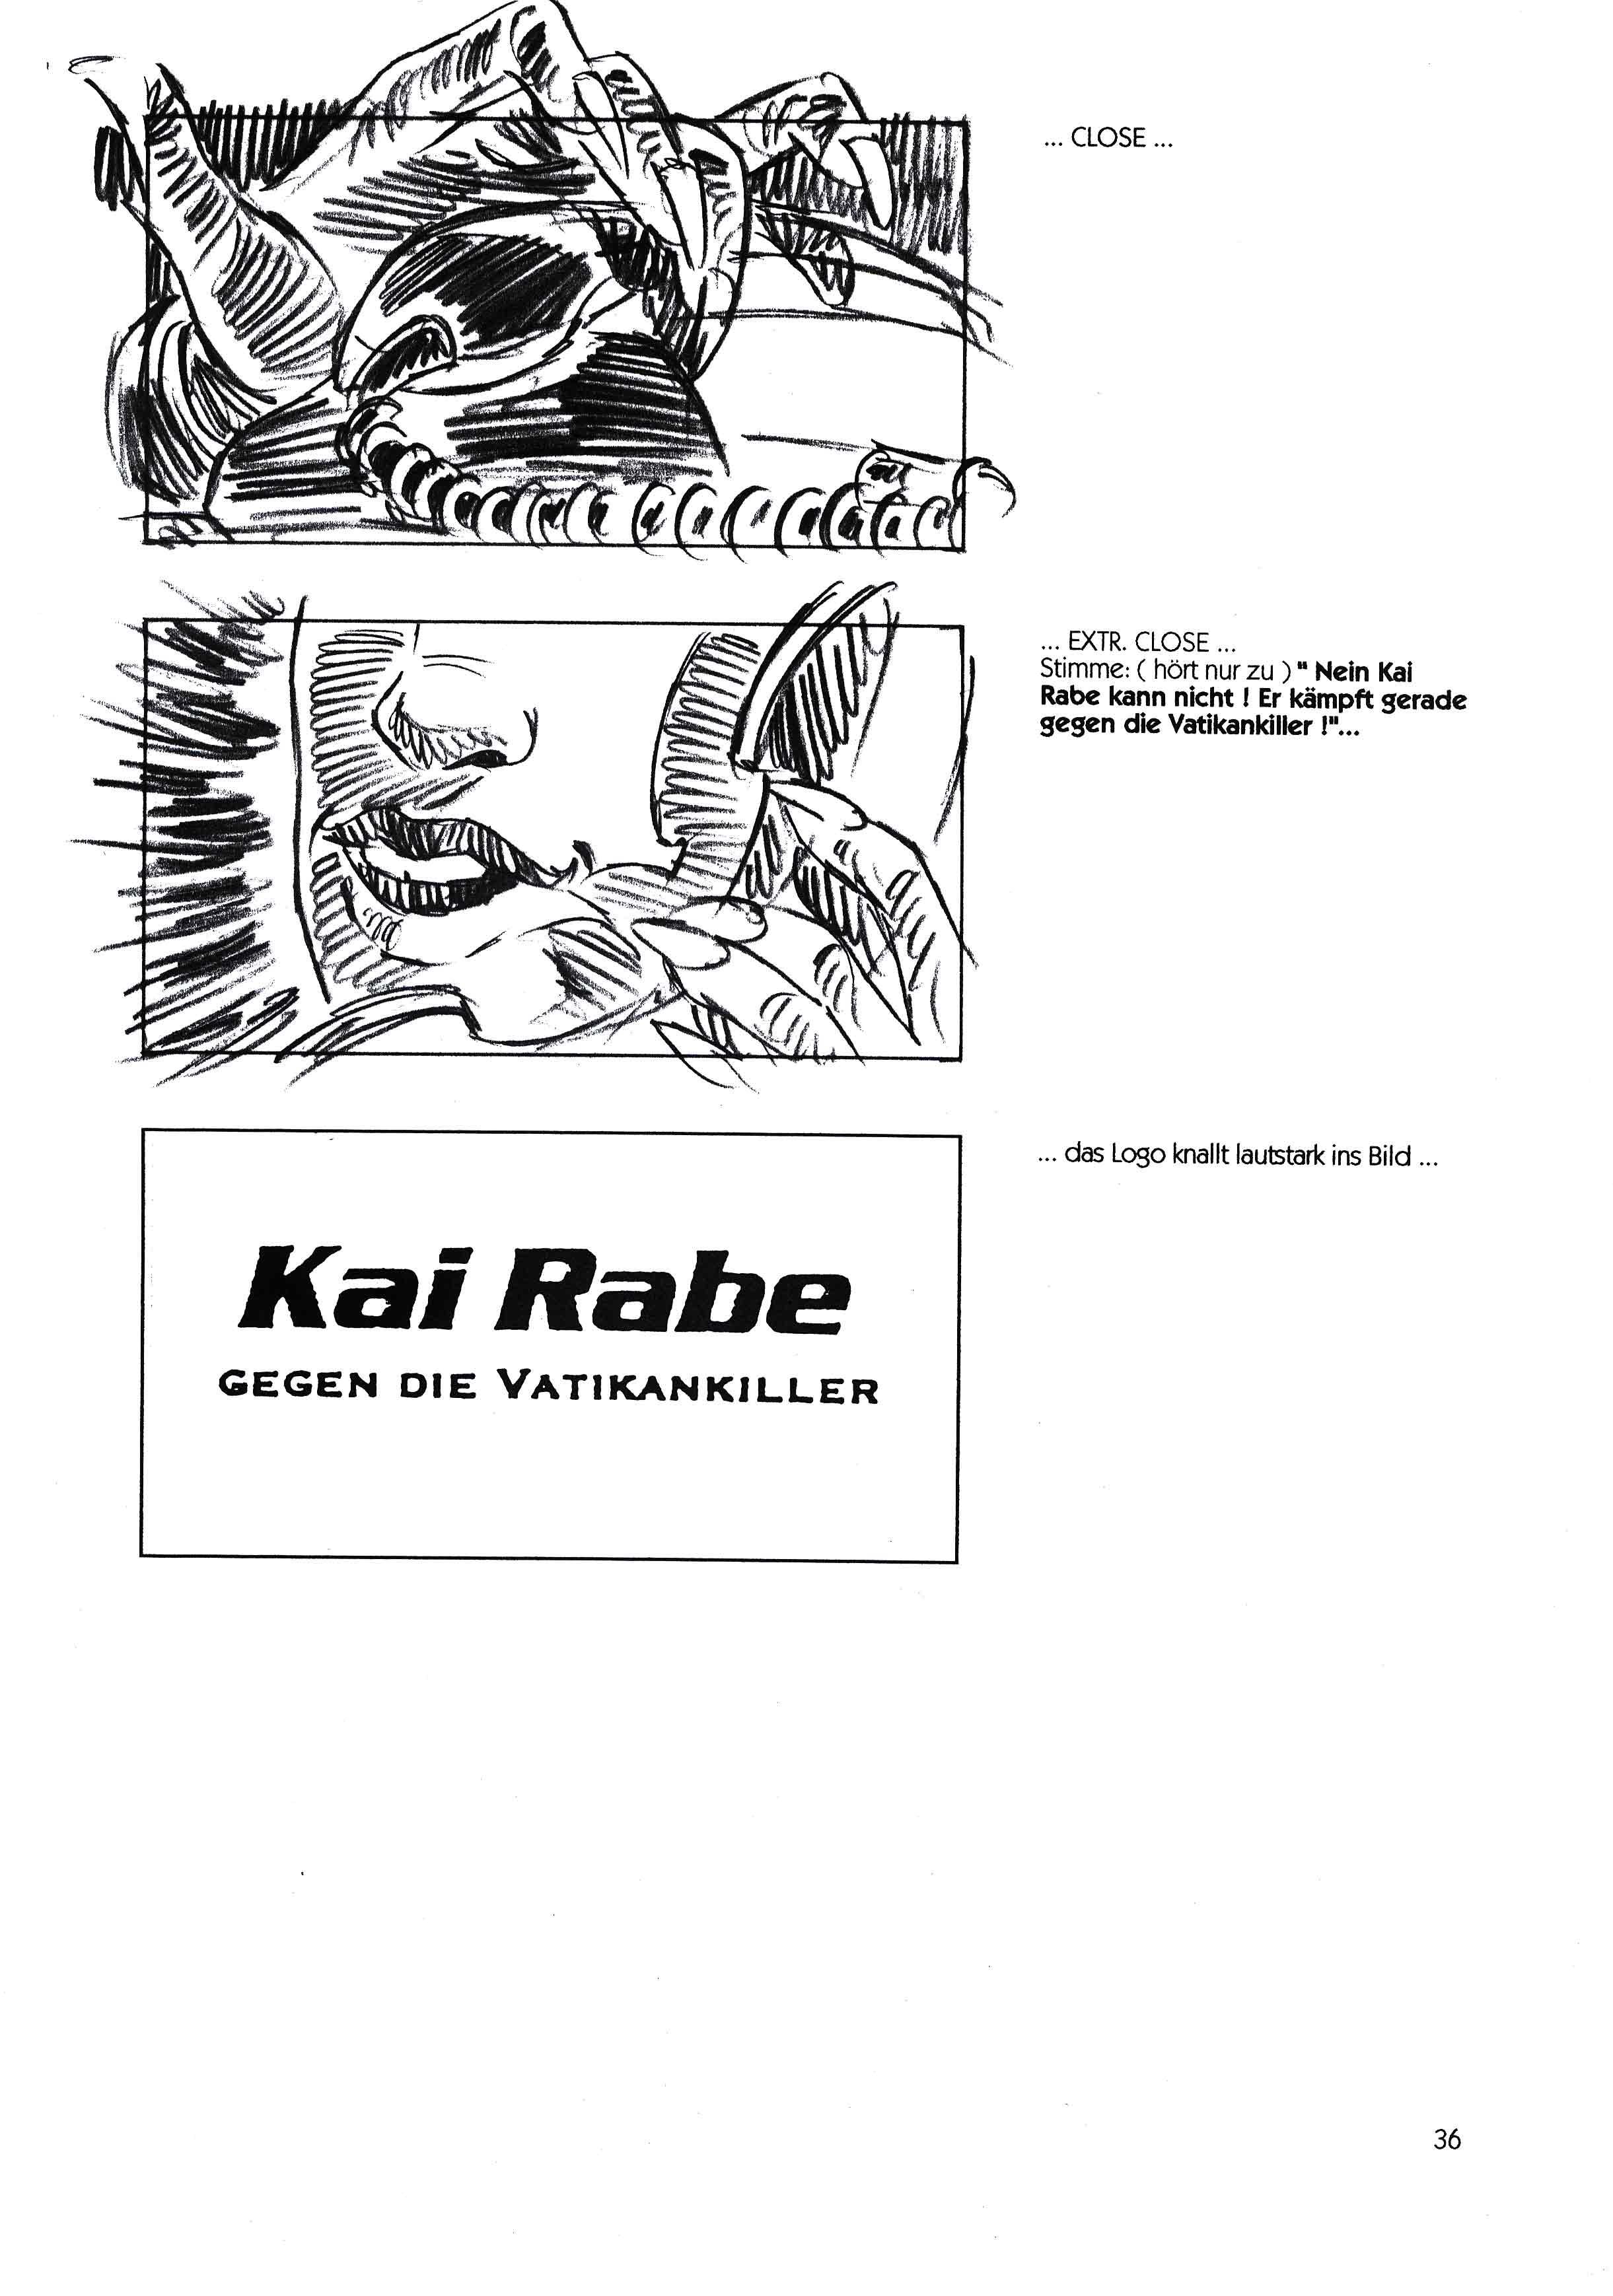 06kairabe-god2-05